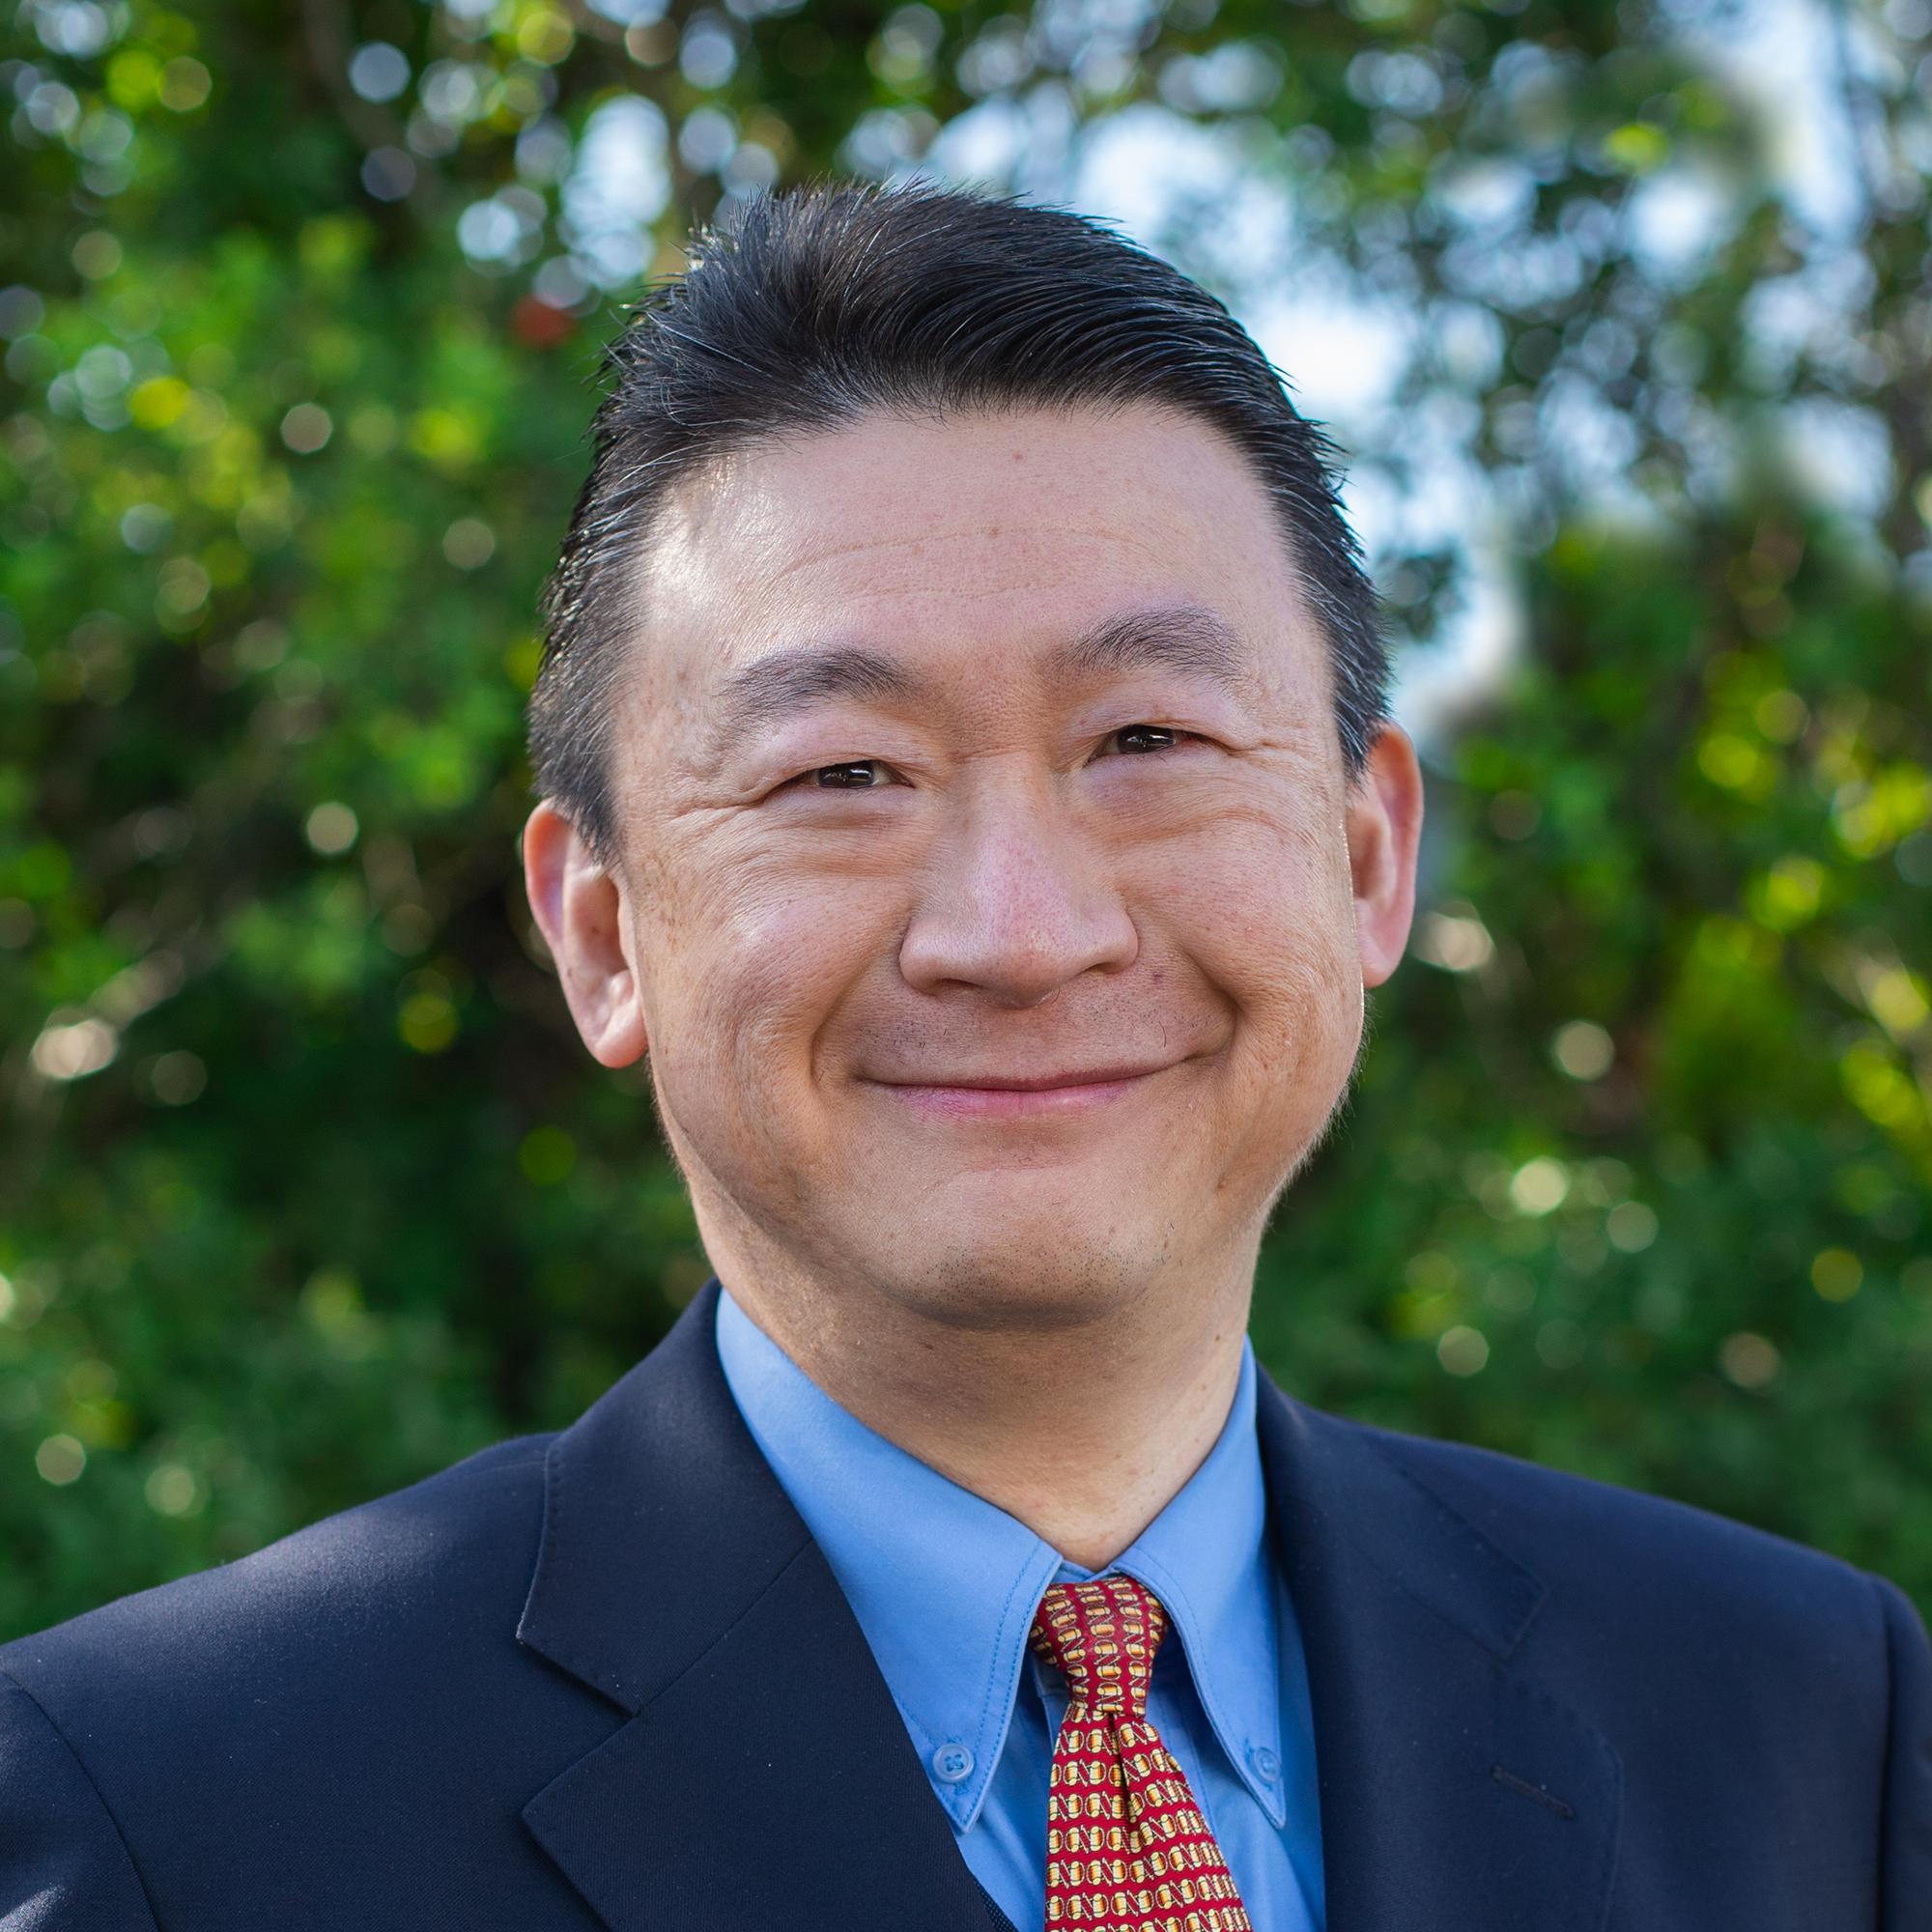 Bernard Yong